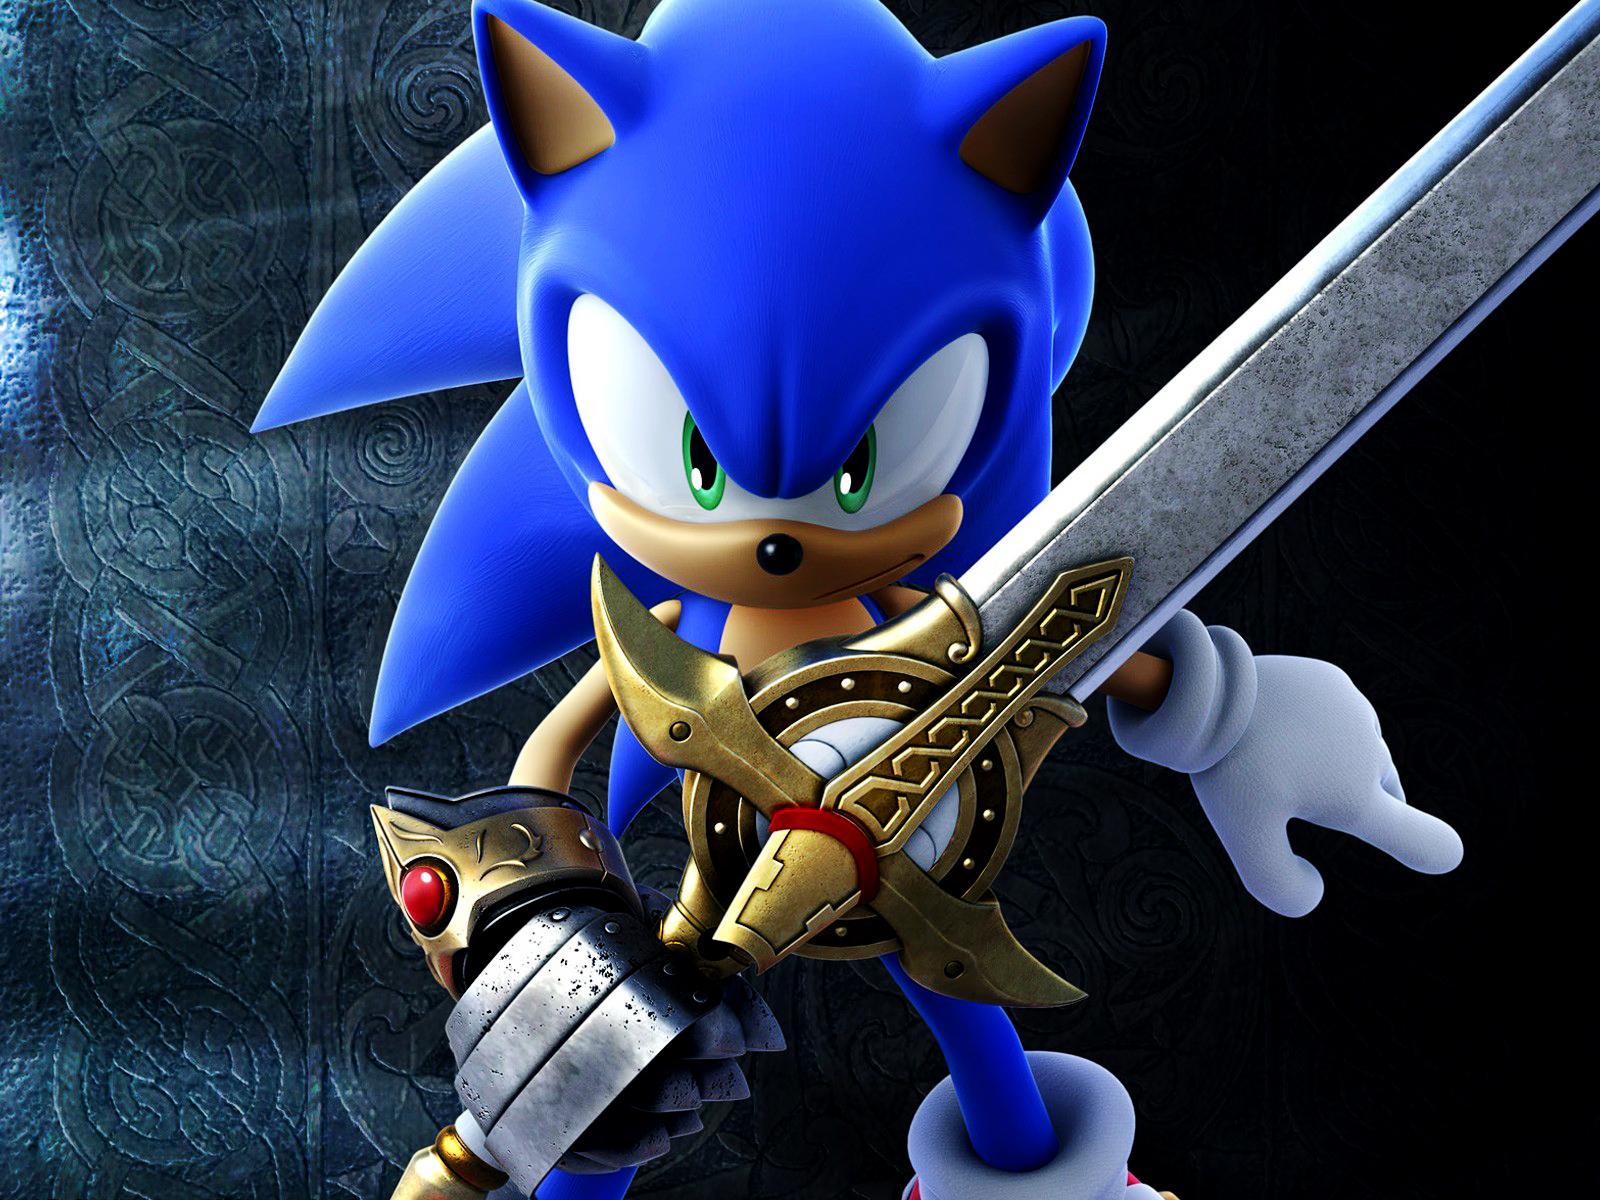 http://2.bp.blogspot.com/-5j4suVwnIgc/TyrHRHn7eDI/AAAAAAAAAfk/lKFnnTD5Vvw/s1600/Sonic_The_Dark_Knight_3D_HD_Wallpaper-Vvallpaper.Net.jpg